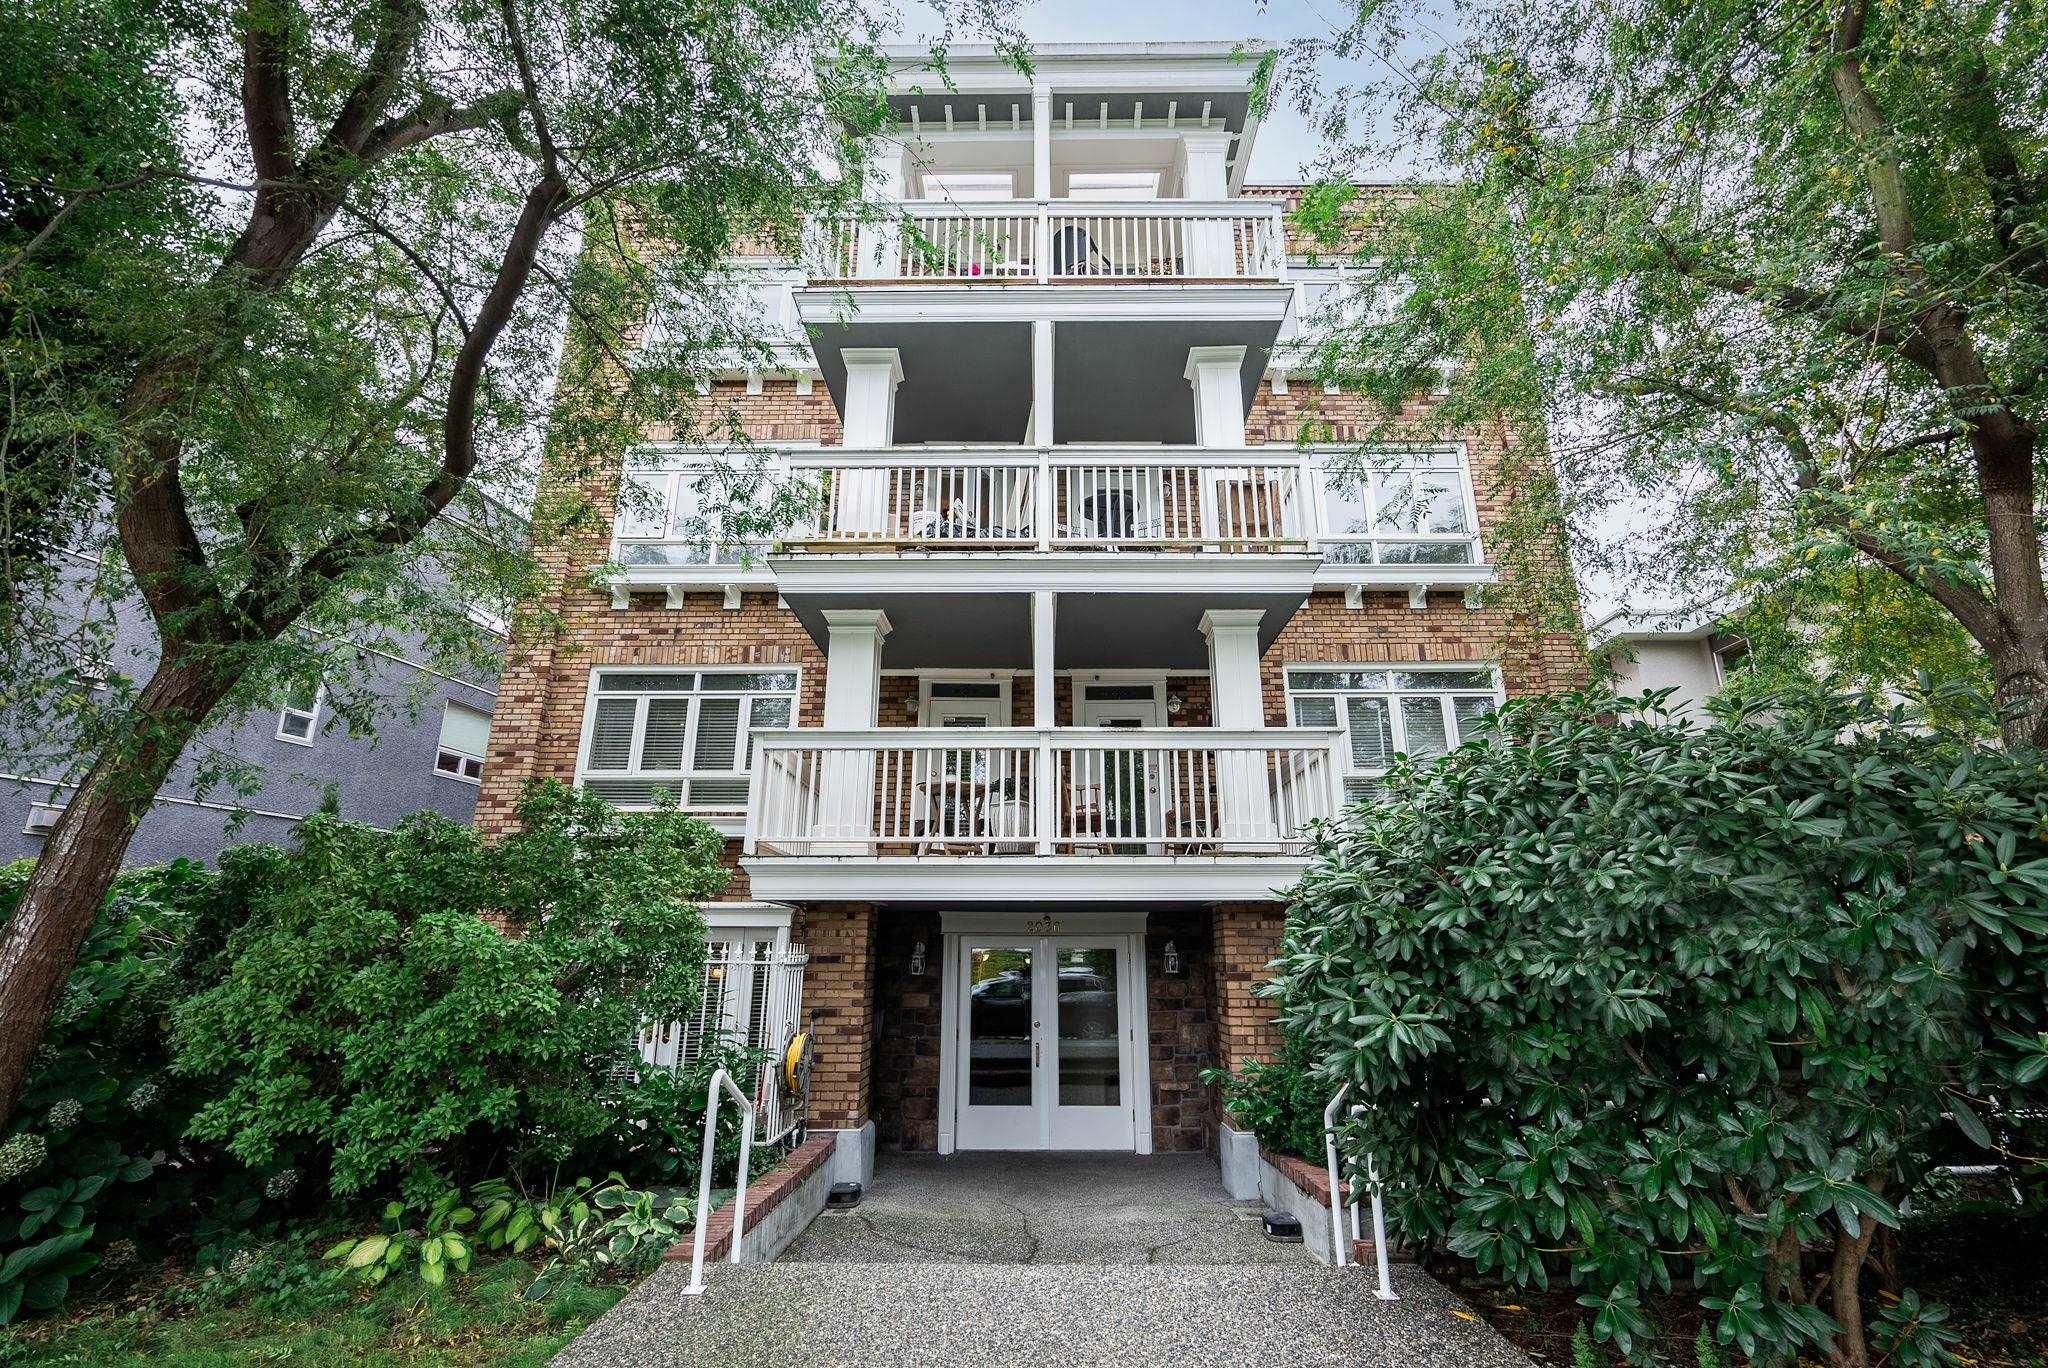 404 2036 YORK AVENUE - Kitsilano Apartment/Condo for sale, 2 Bedrooms (R2624631)